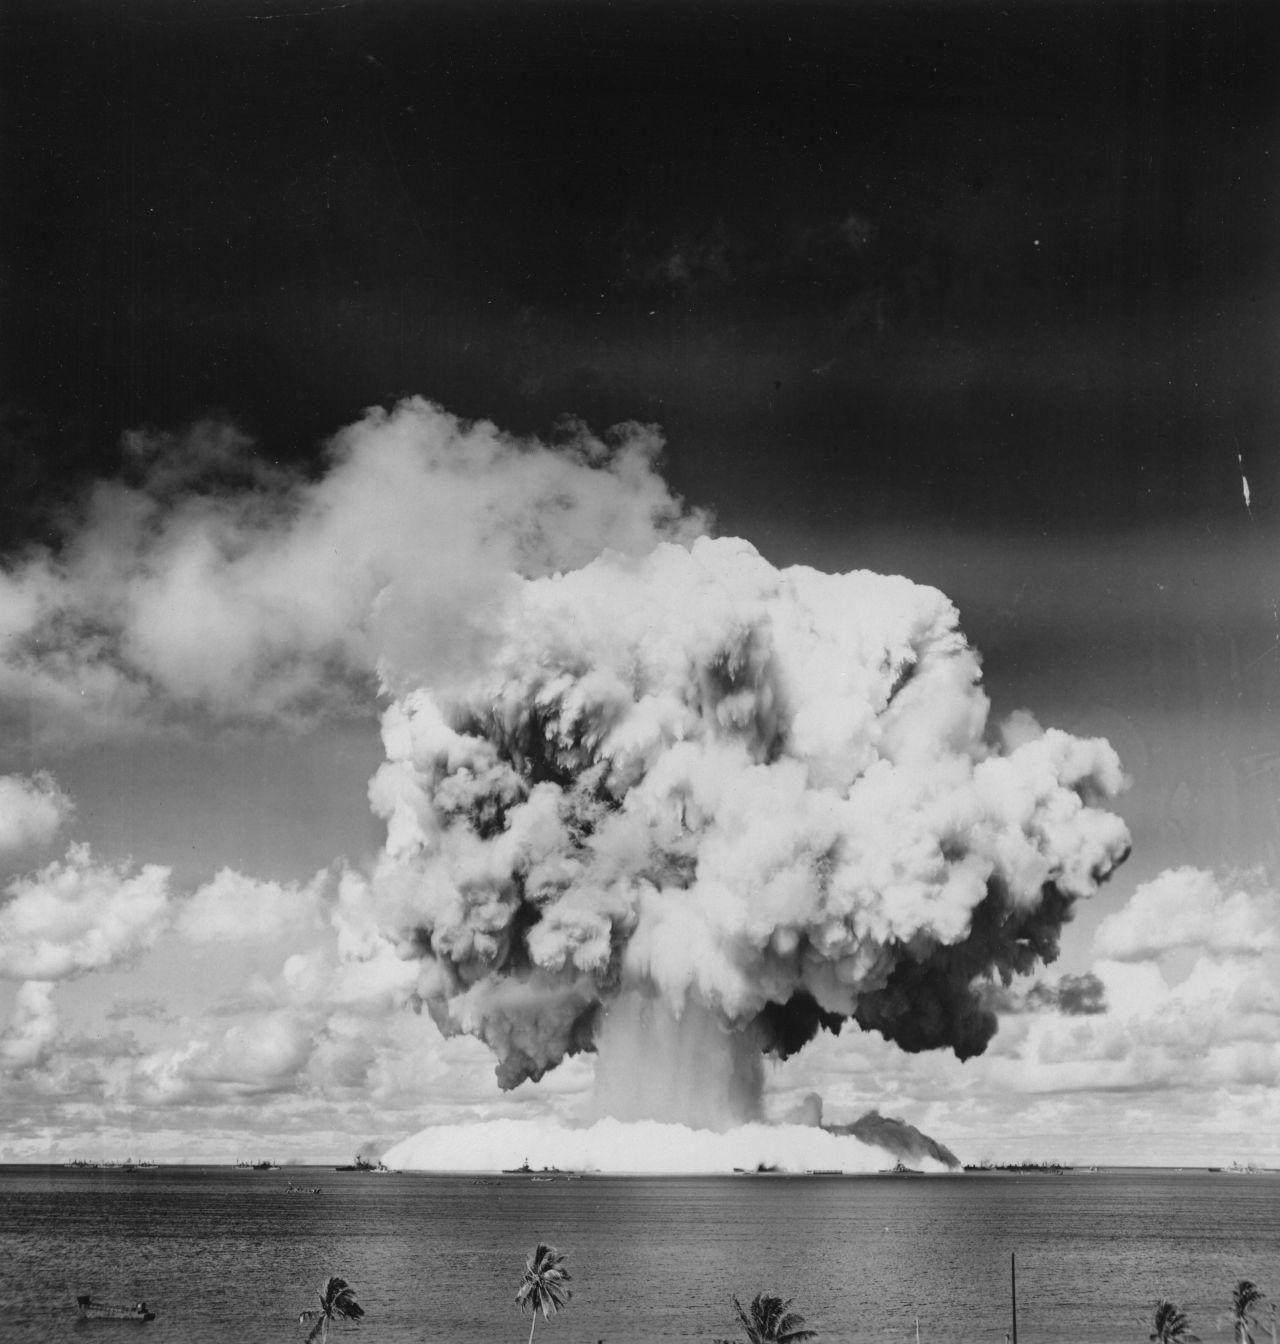 Damit nicht genug: Um Forschungsdaten über die Auswirkung von radioaktiver Strahlung zu sammeln, wurden die Bewohner außerdem als Versuchskaninchen missbraucht.